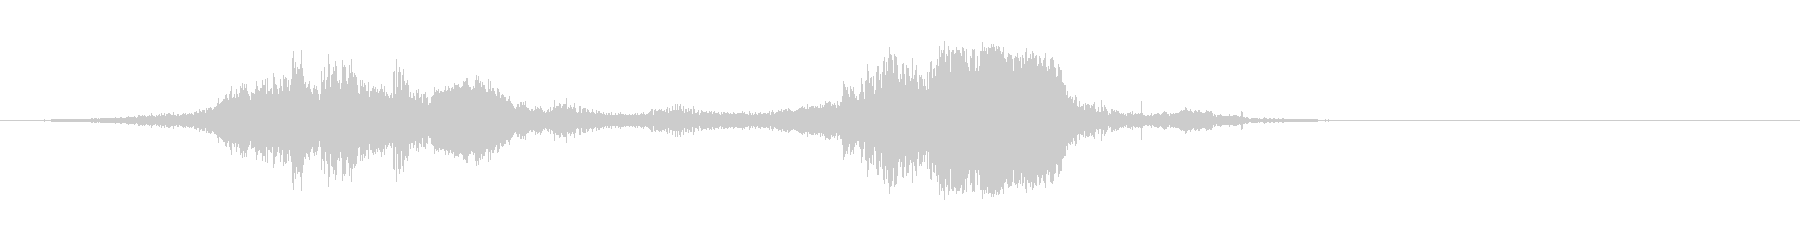 カートインディカー;イントゥターン...の未再生の波形